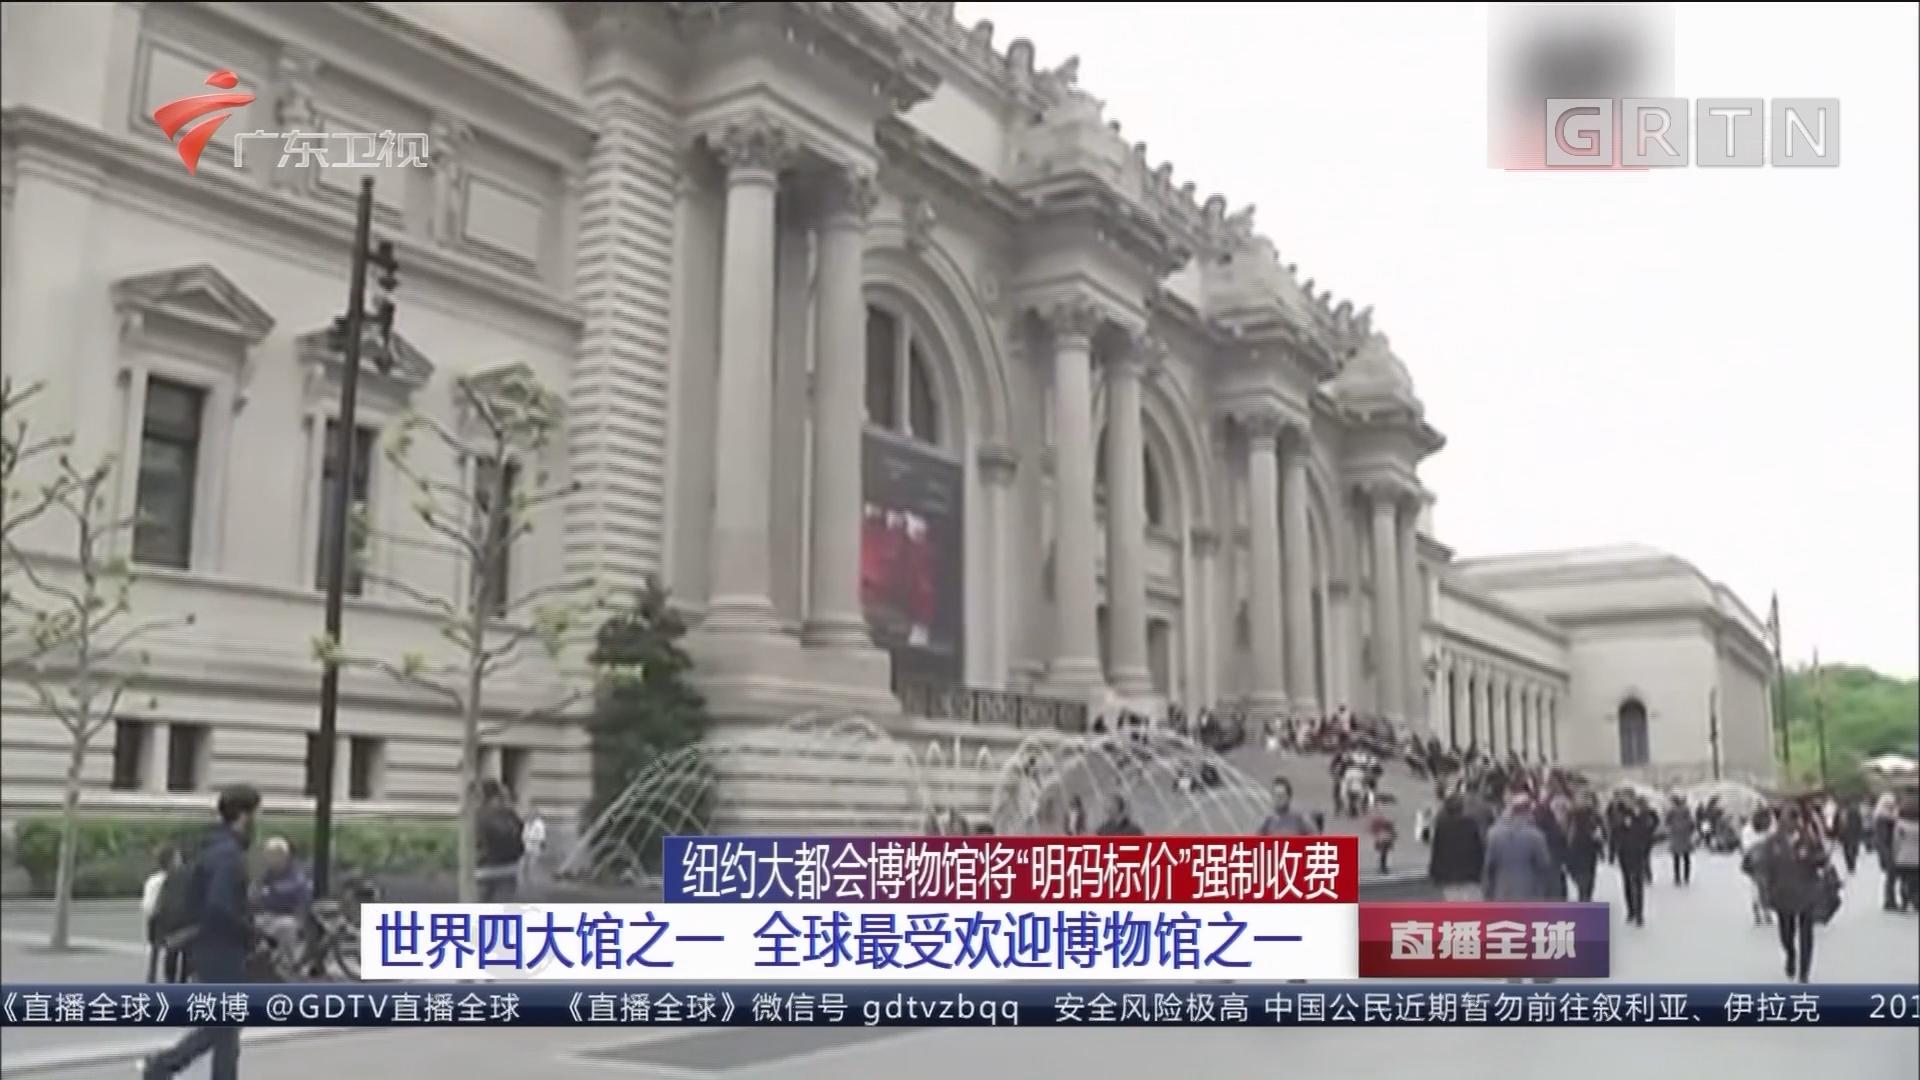 """纽约大都会博物馆将""""明码标价""""强制收费 世界四大馆之一 全球最受欢迎博物馆之一"""